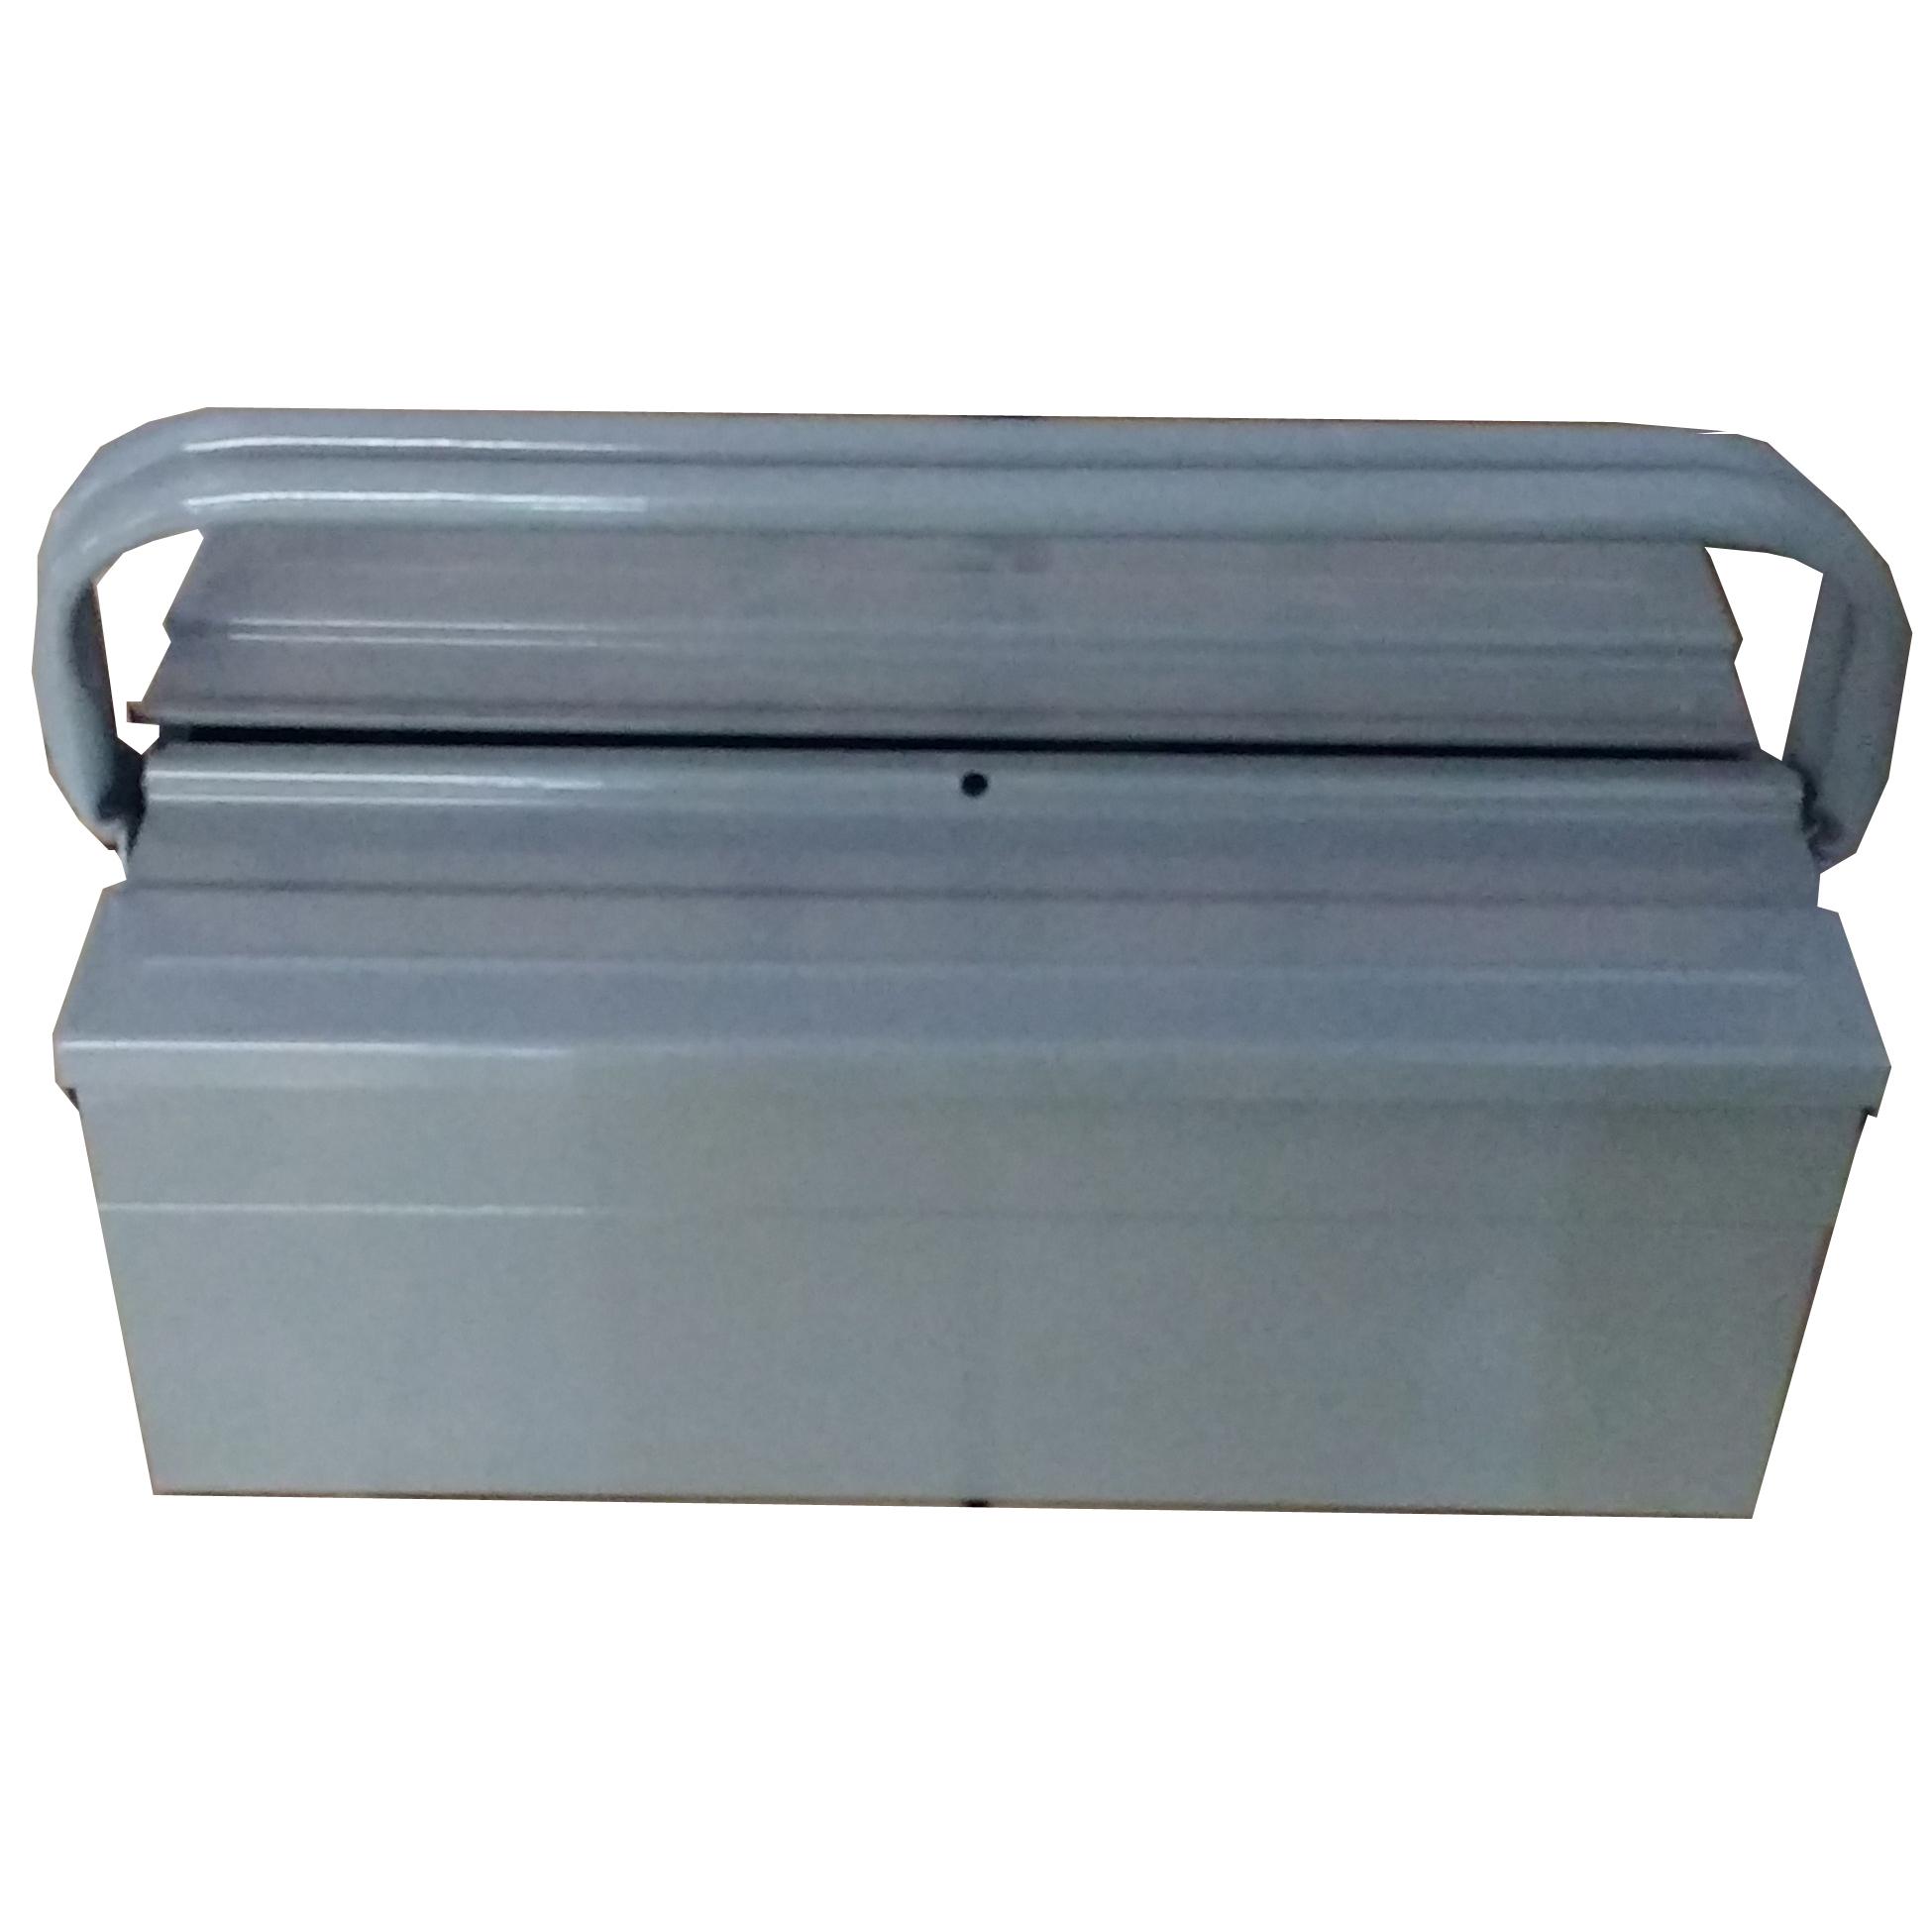 http://www.nilart.com.br/galeria/caixa-ferramentas-sanfonada-3-gavetas-50-cm-cabo-fixo-reforcada-400.350-3.jpg